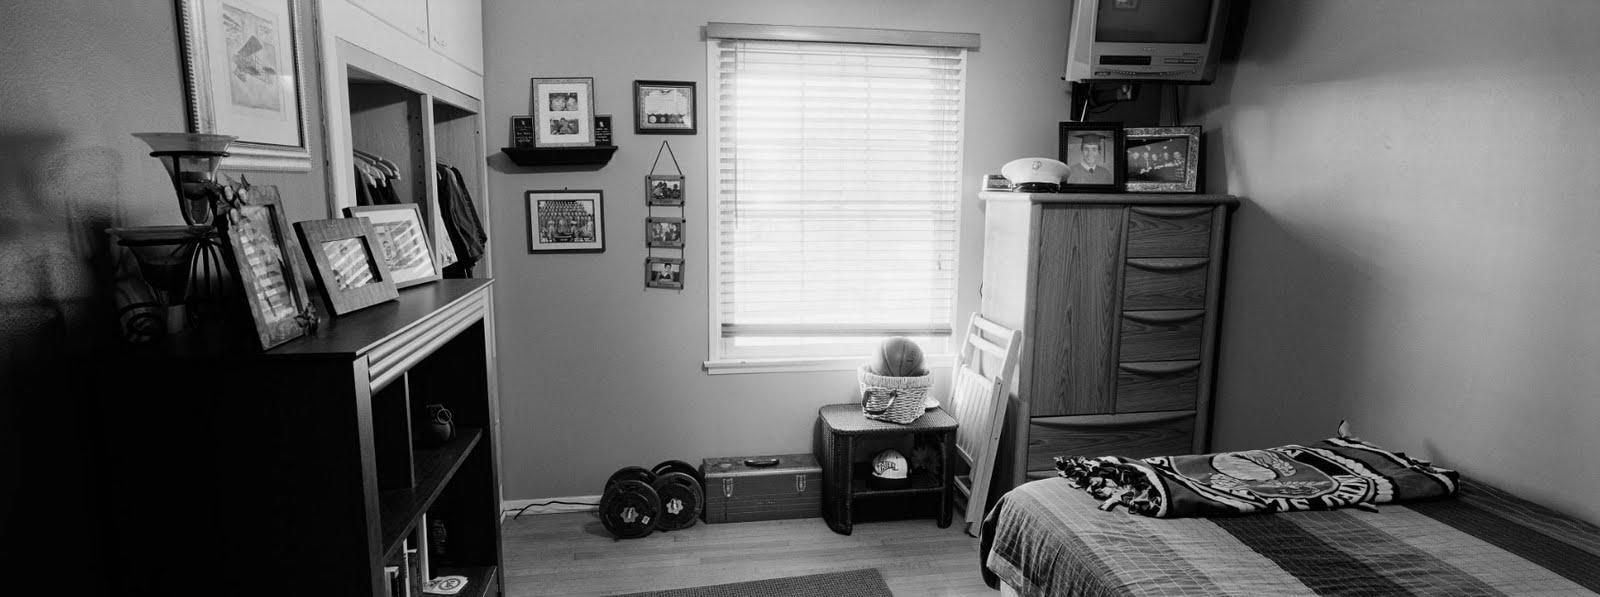 weblogamorf bedrooms of the fallen